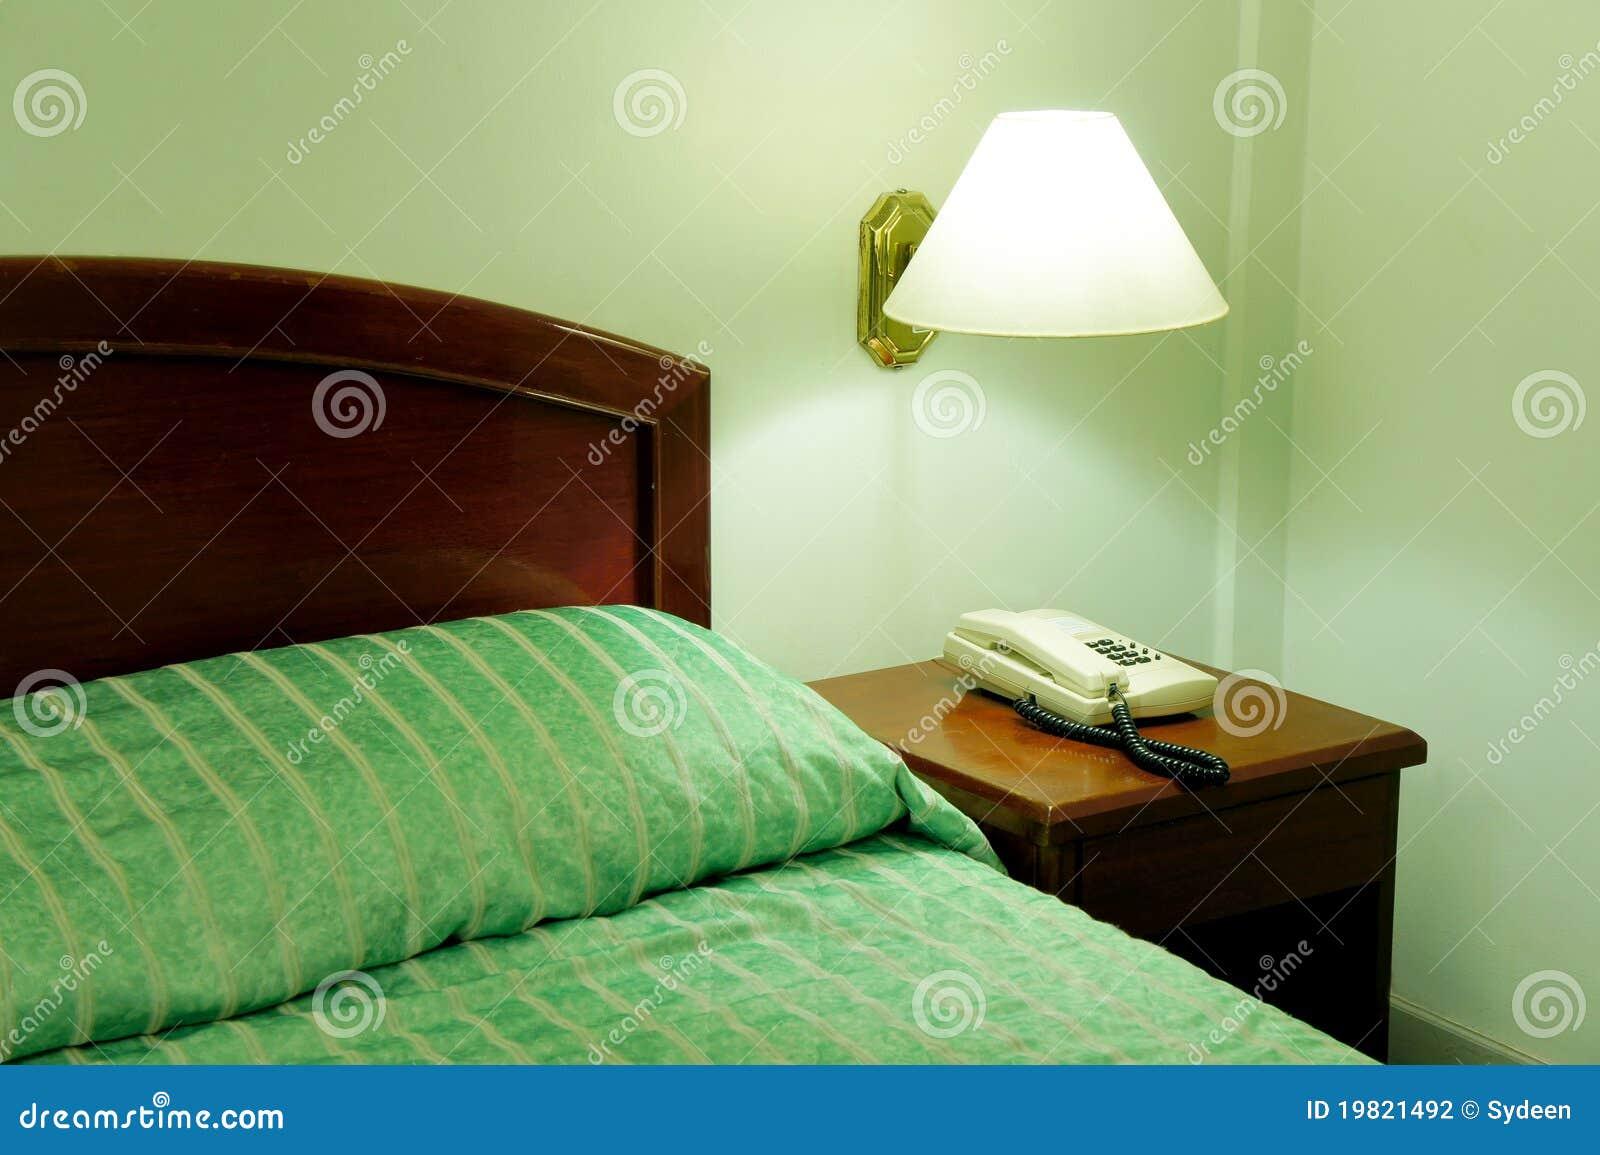 Decorazione della camera da letto fotografia stock immagine 19821492 - Decorazione camera da letto ...